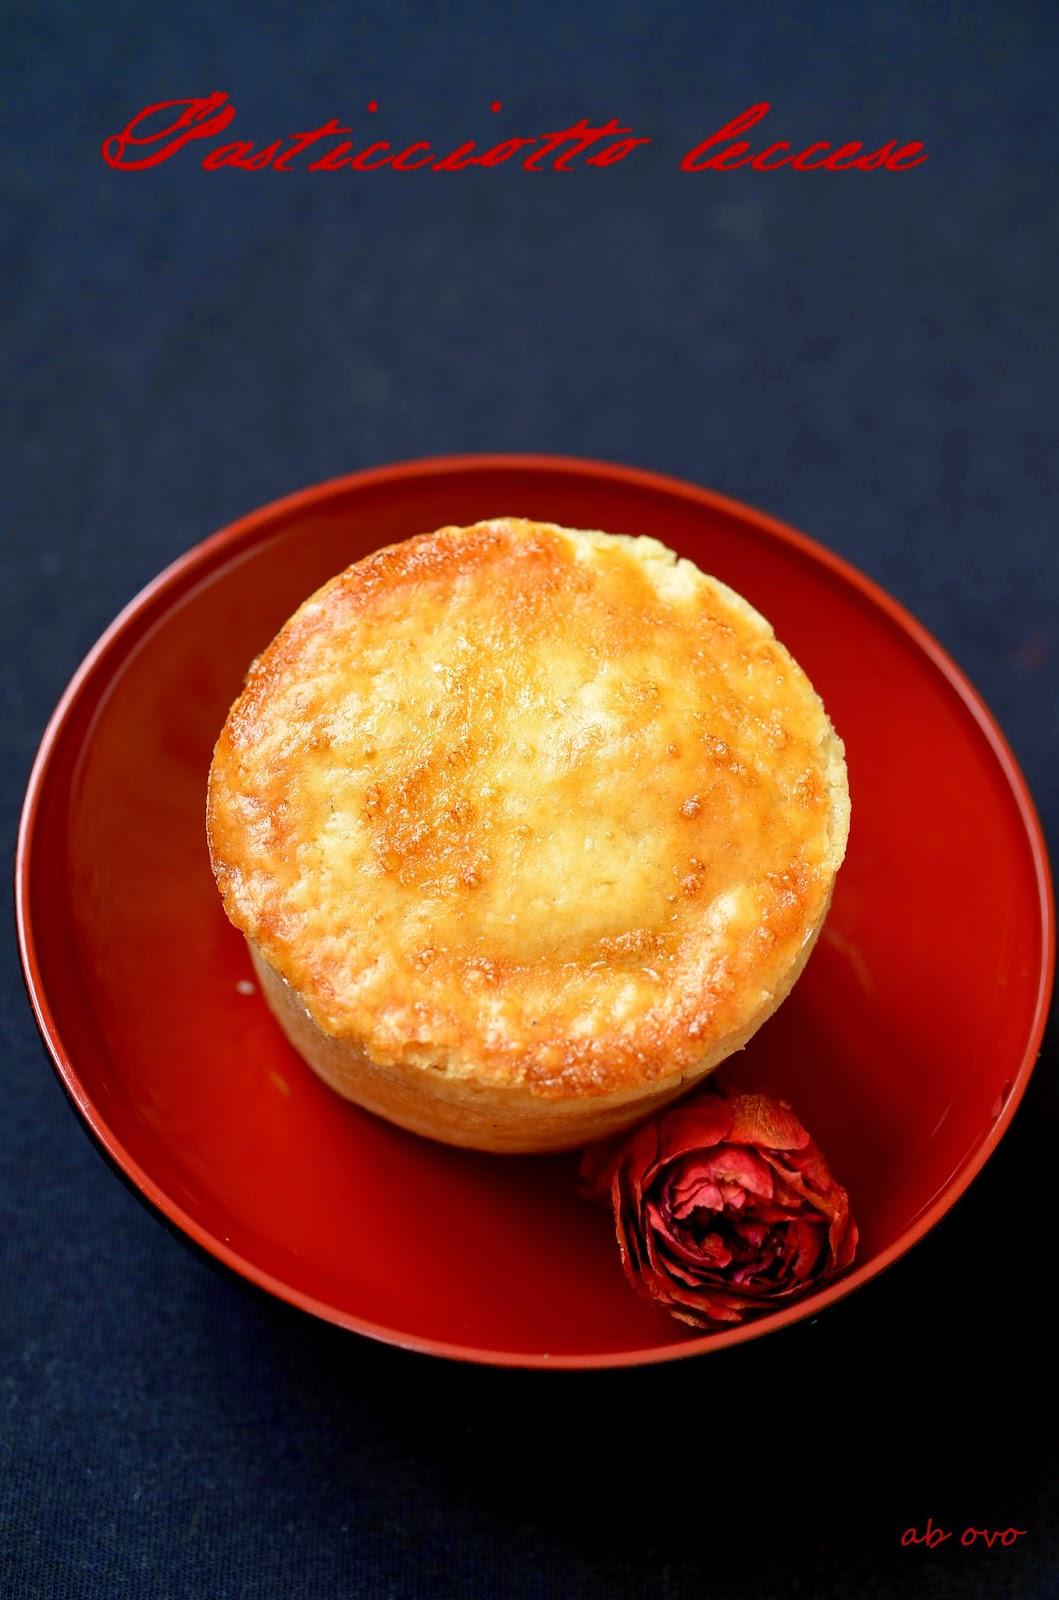 Pasticciotto-leccese-crema-e-amarena